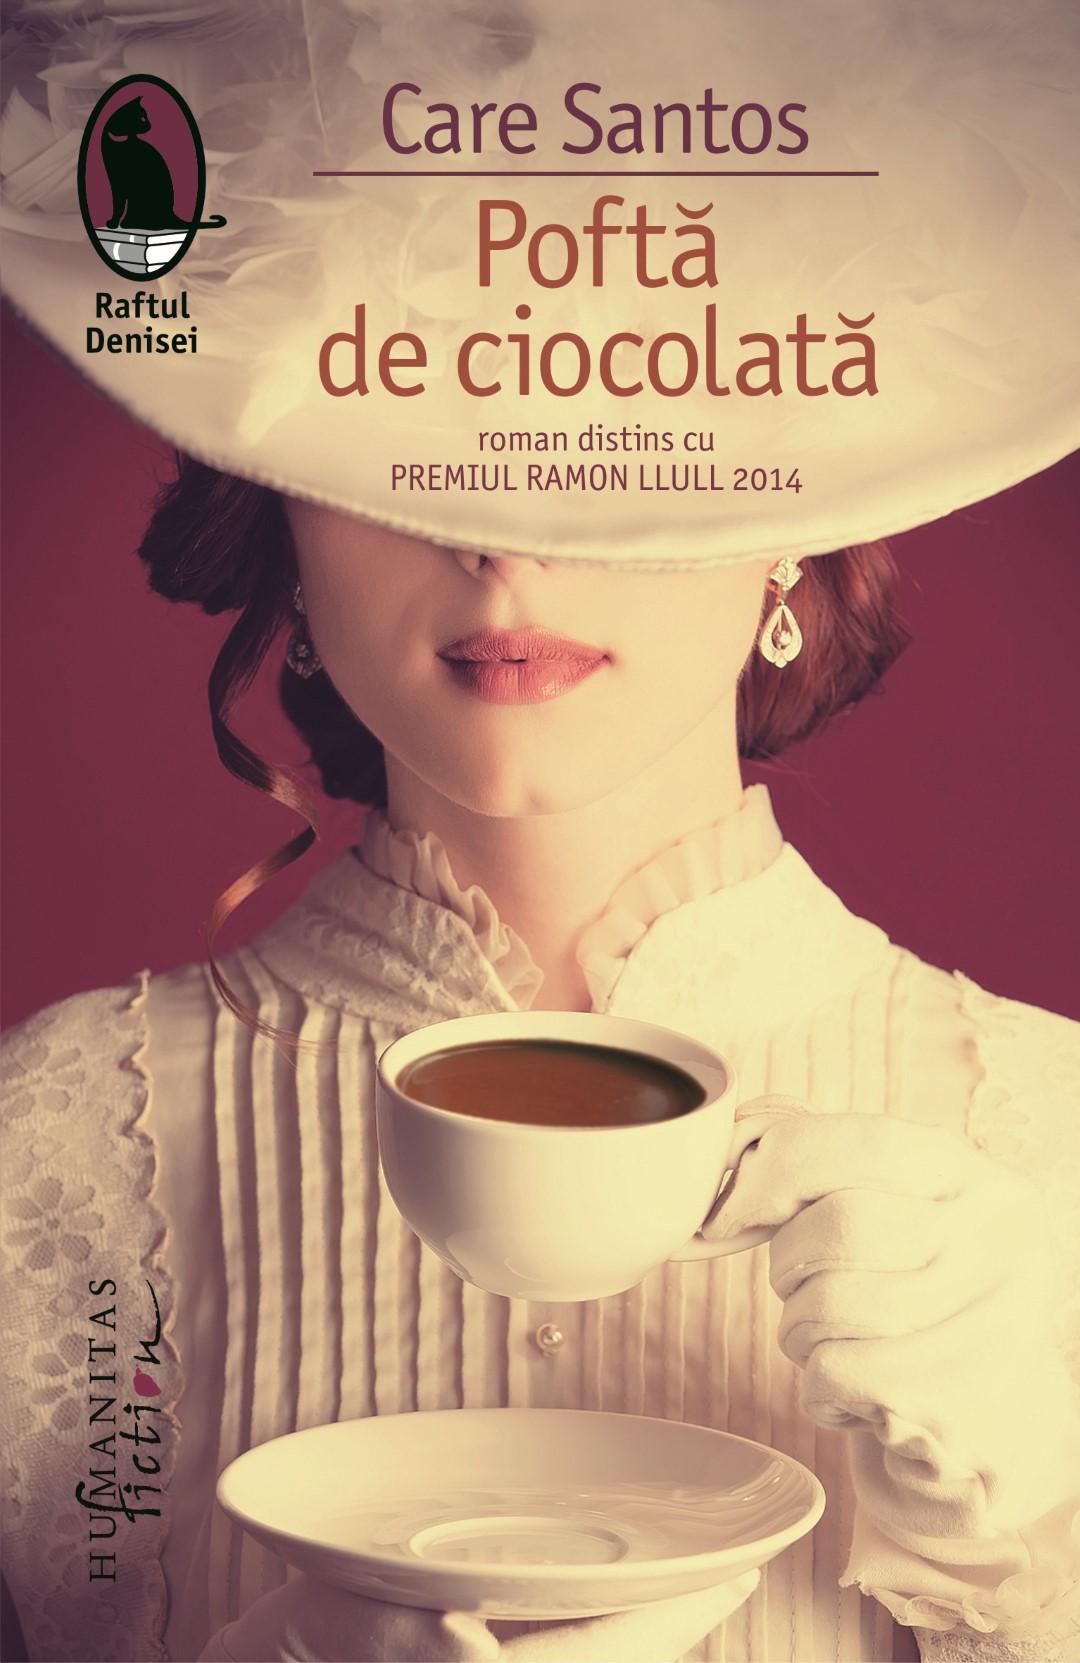 Aveti pofta de ciocolata? GOLD FM iti recomanda!